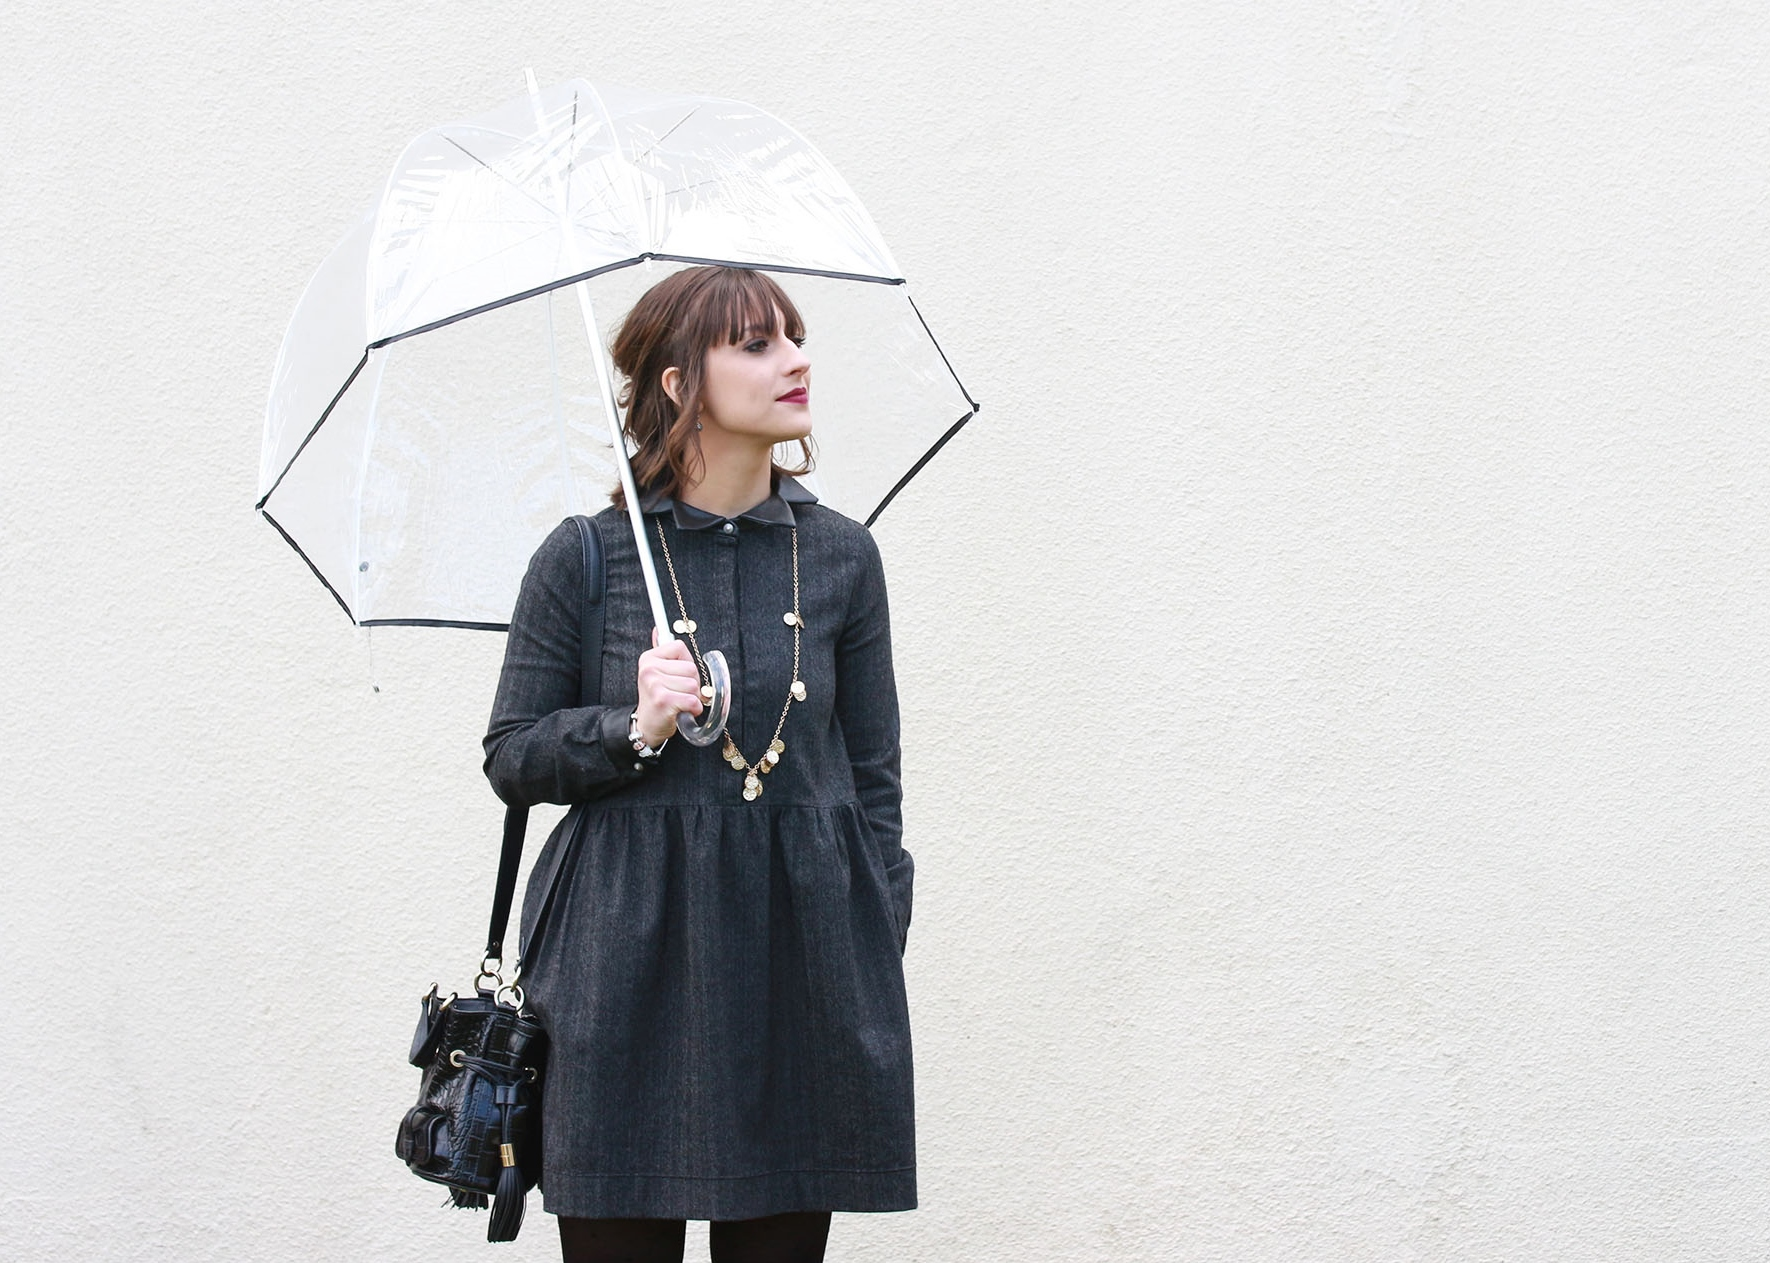 bb575b0890ba Huguette Paillettes - Couture - Margot en robe (4) - Huguette ...